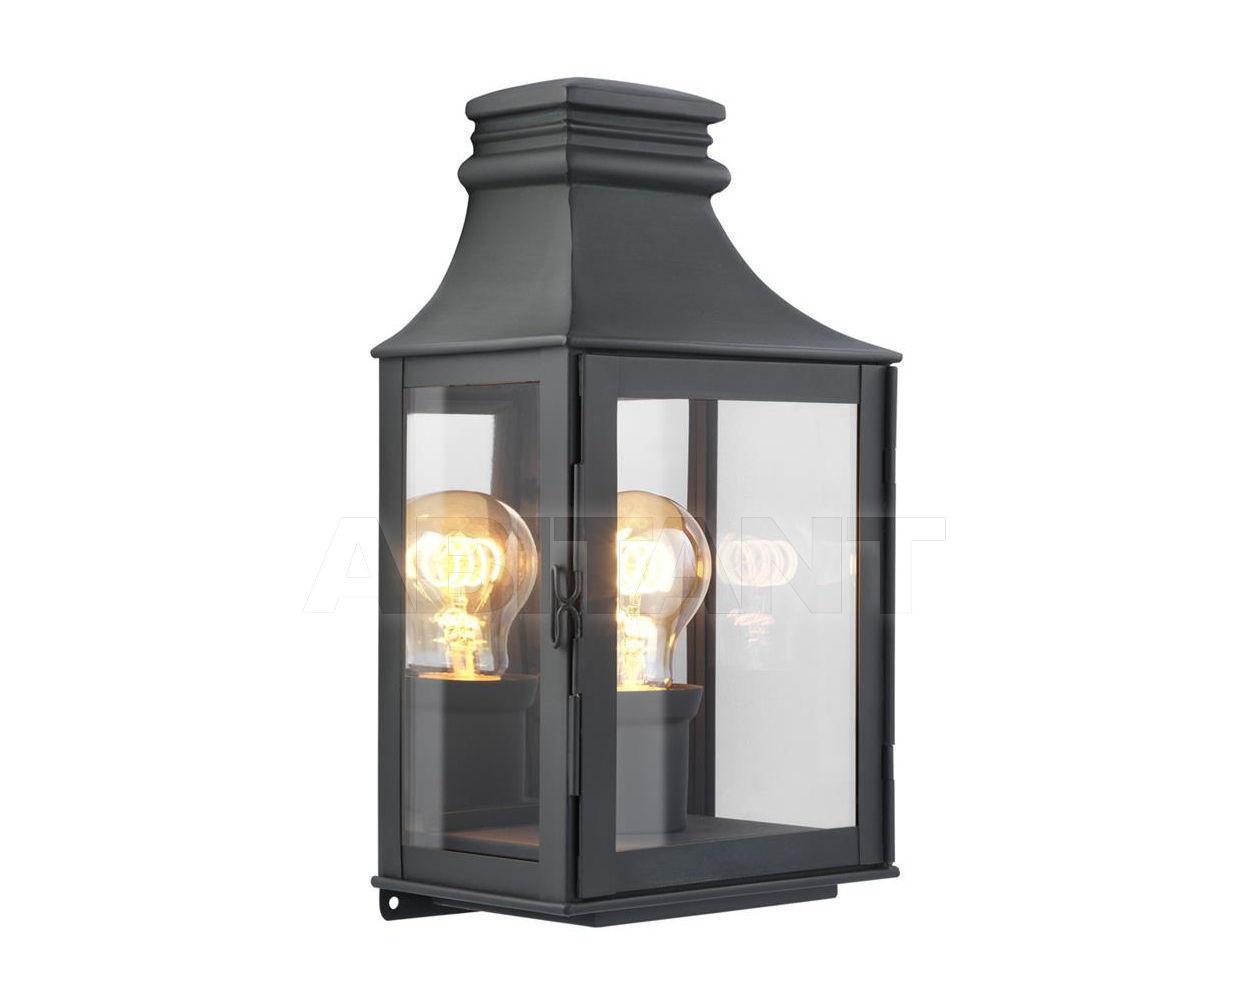 Купить Светильник настенный Primo S Eichholtz  Lighting 107358